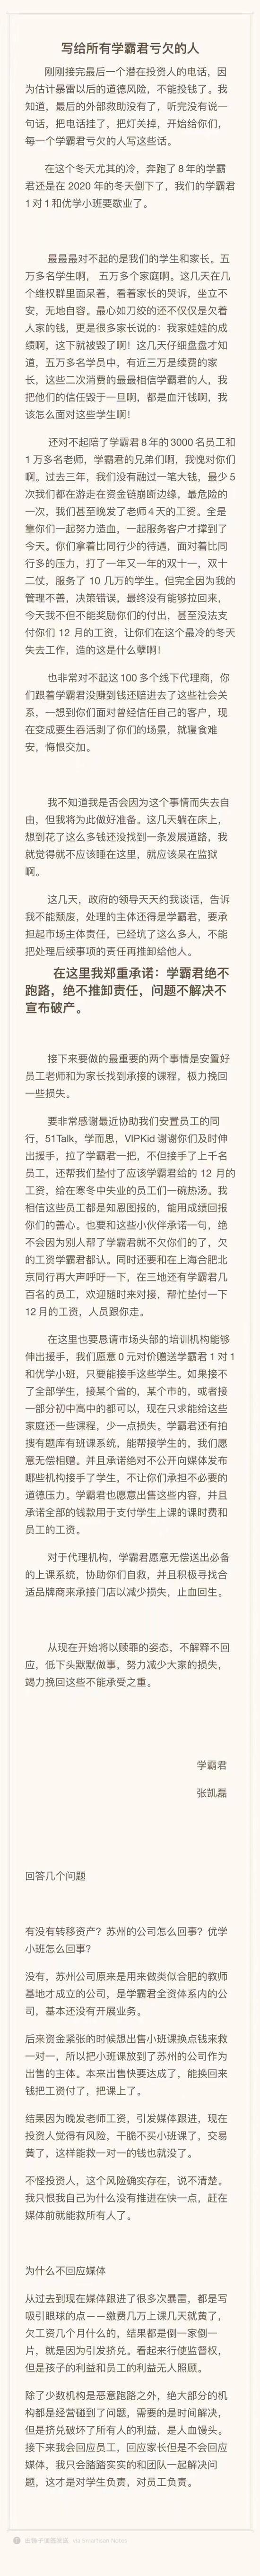 学霸君CEO凌晨发公开信:外部融资无望 问题不解决不宣布破产